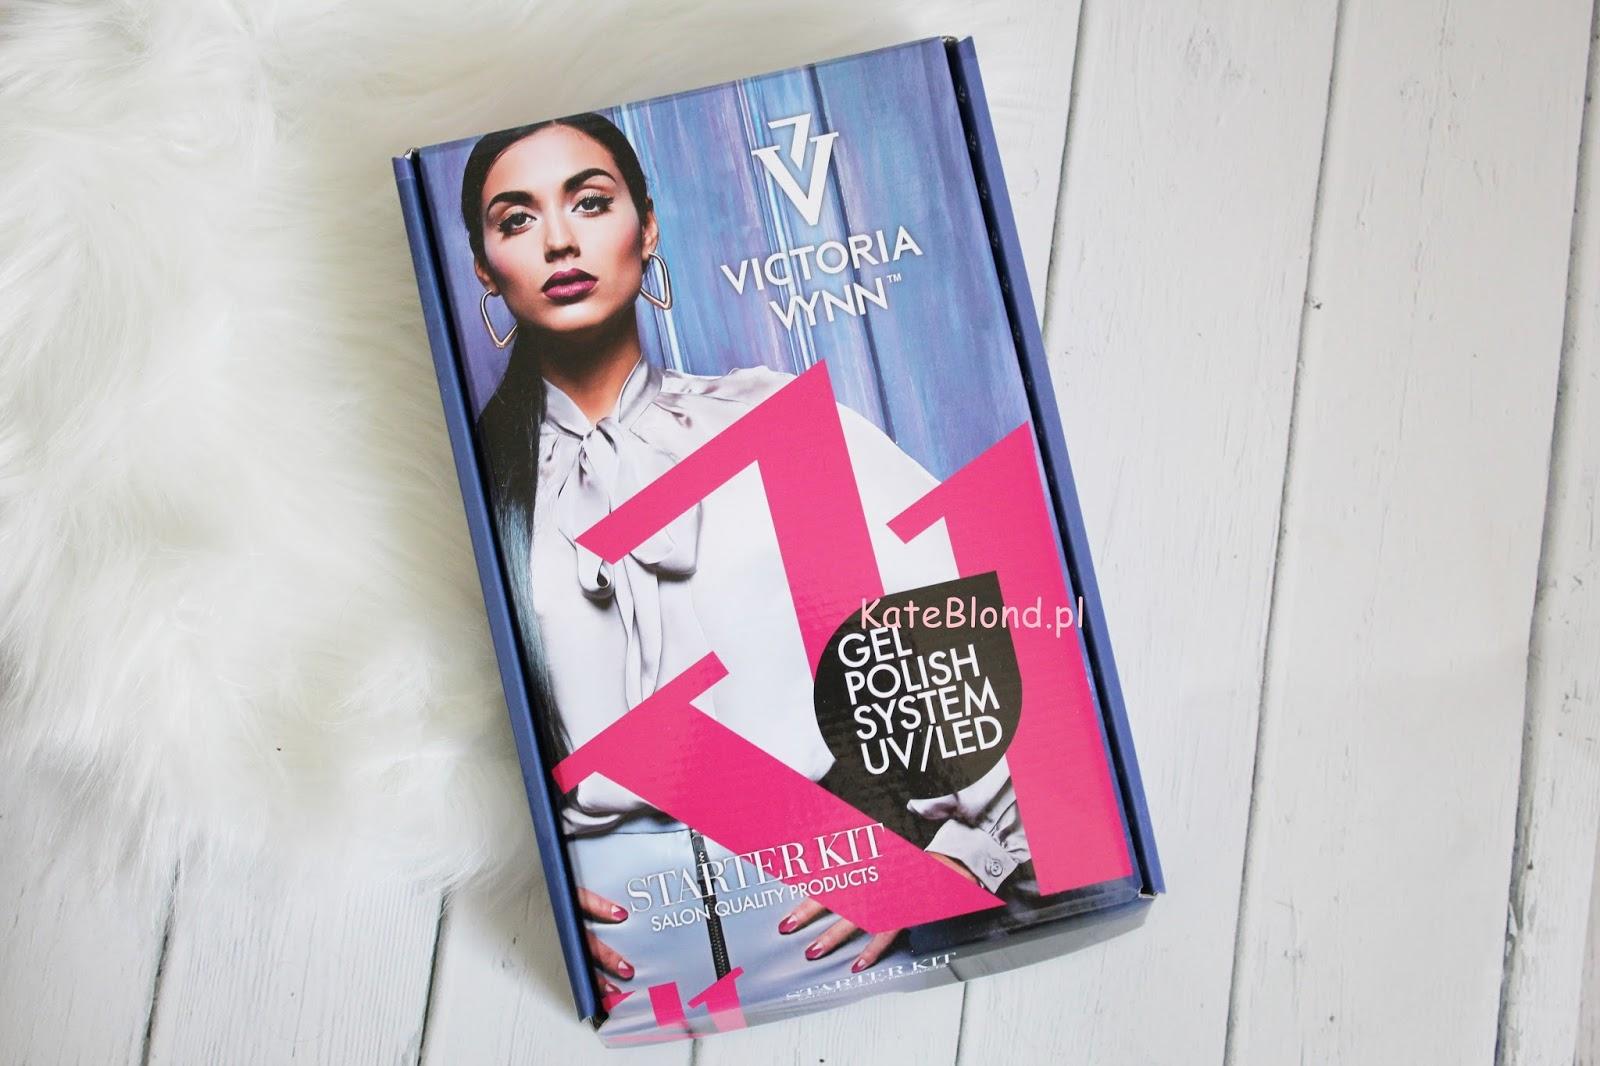 Jaki zestaw hybrydowy wybrać? Victoria Vyn starter kit - czy warto?